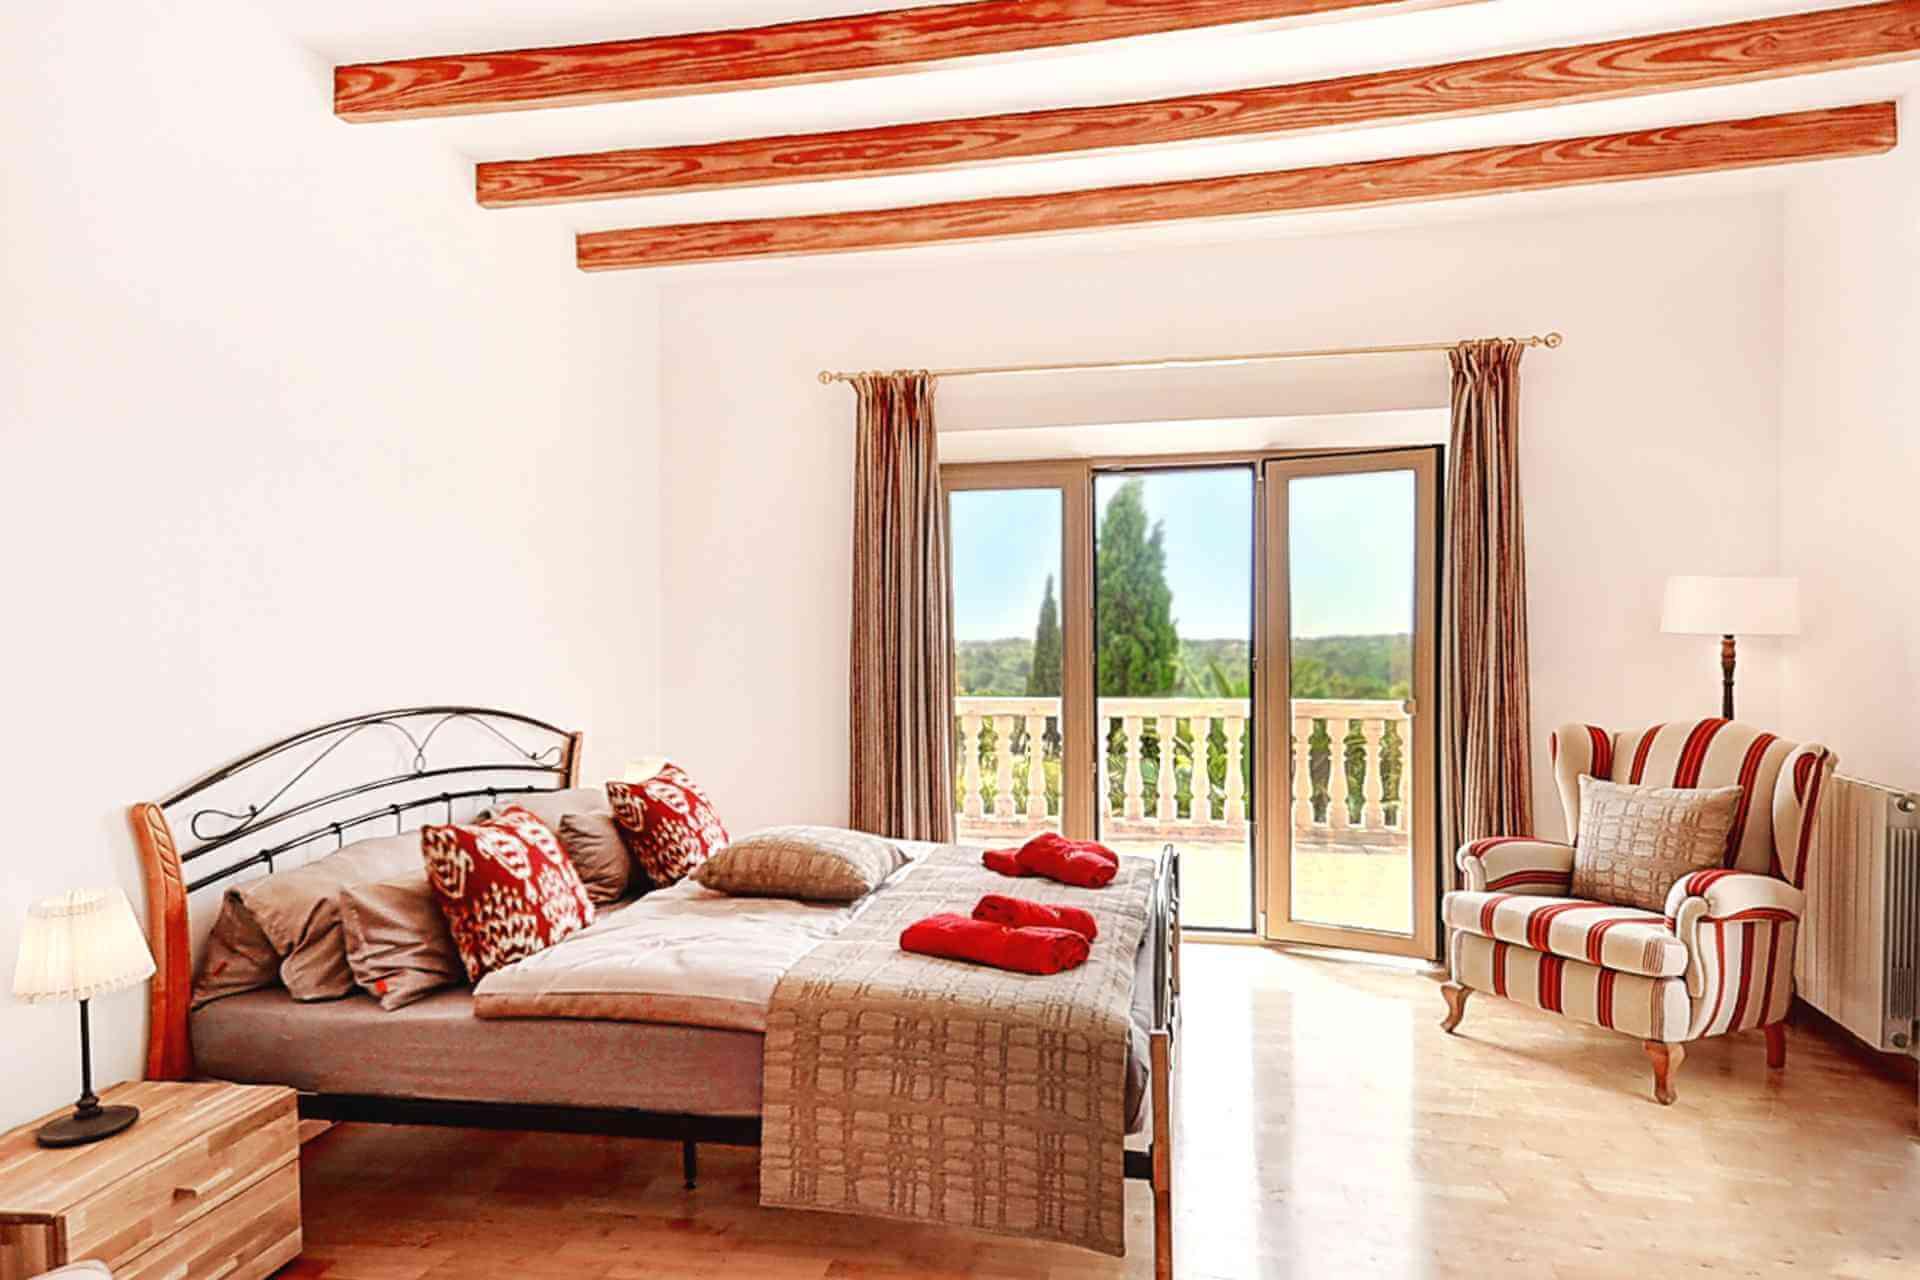 01-319 riesige luxus Finca Mallorca Osten Bild 23